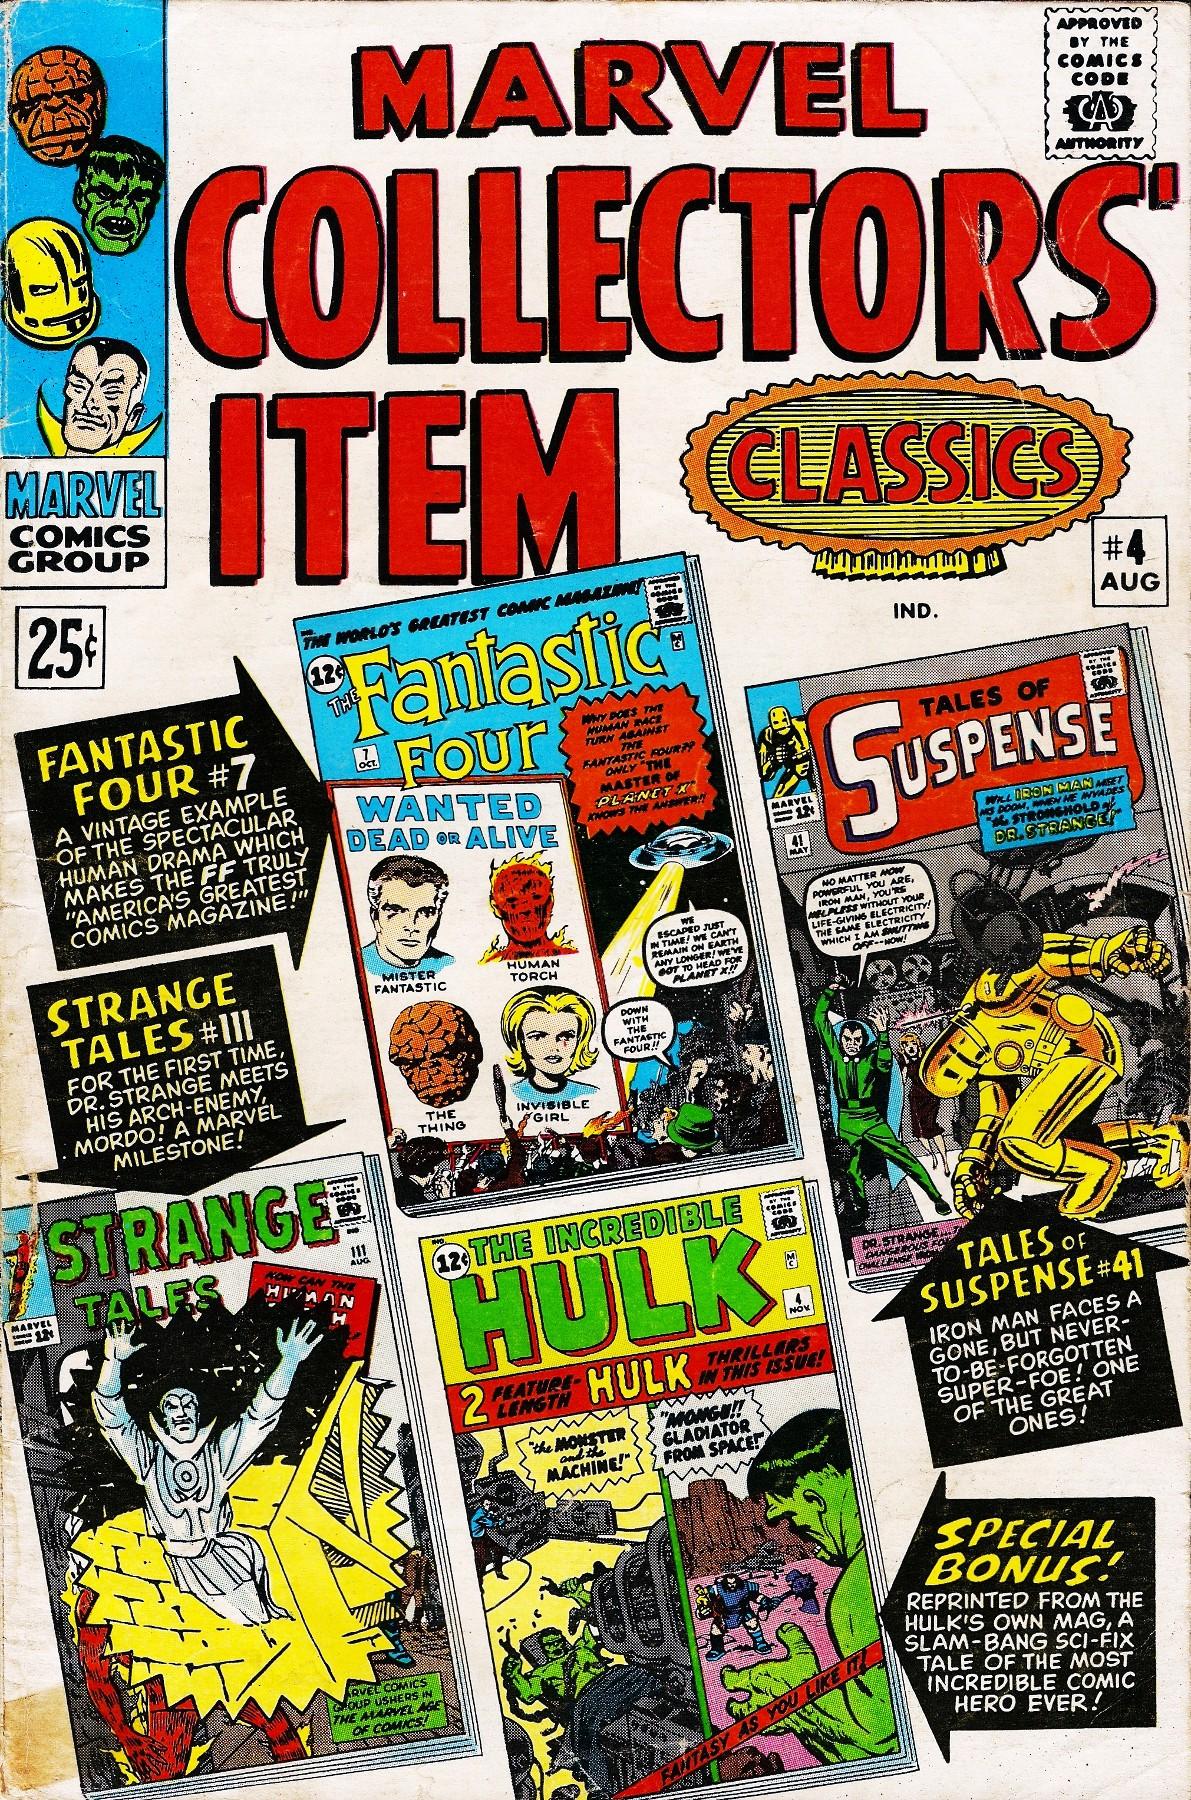 Marvel Collectors Item Classics 4 Page 1